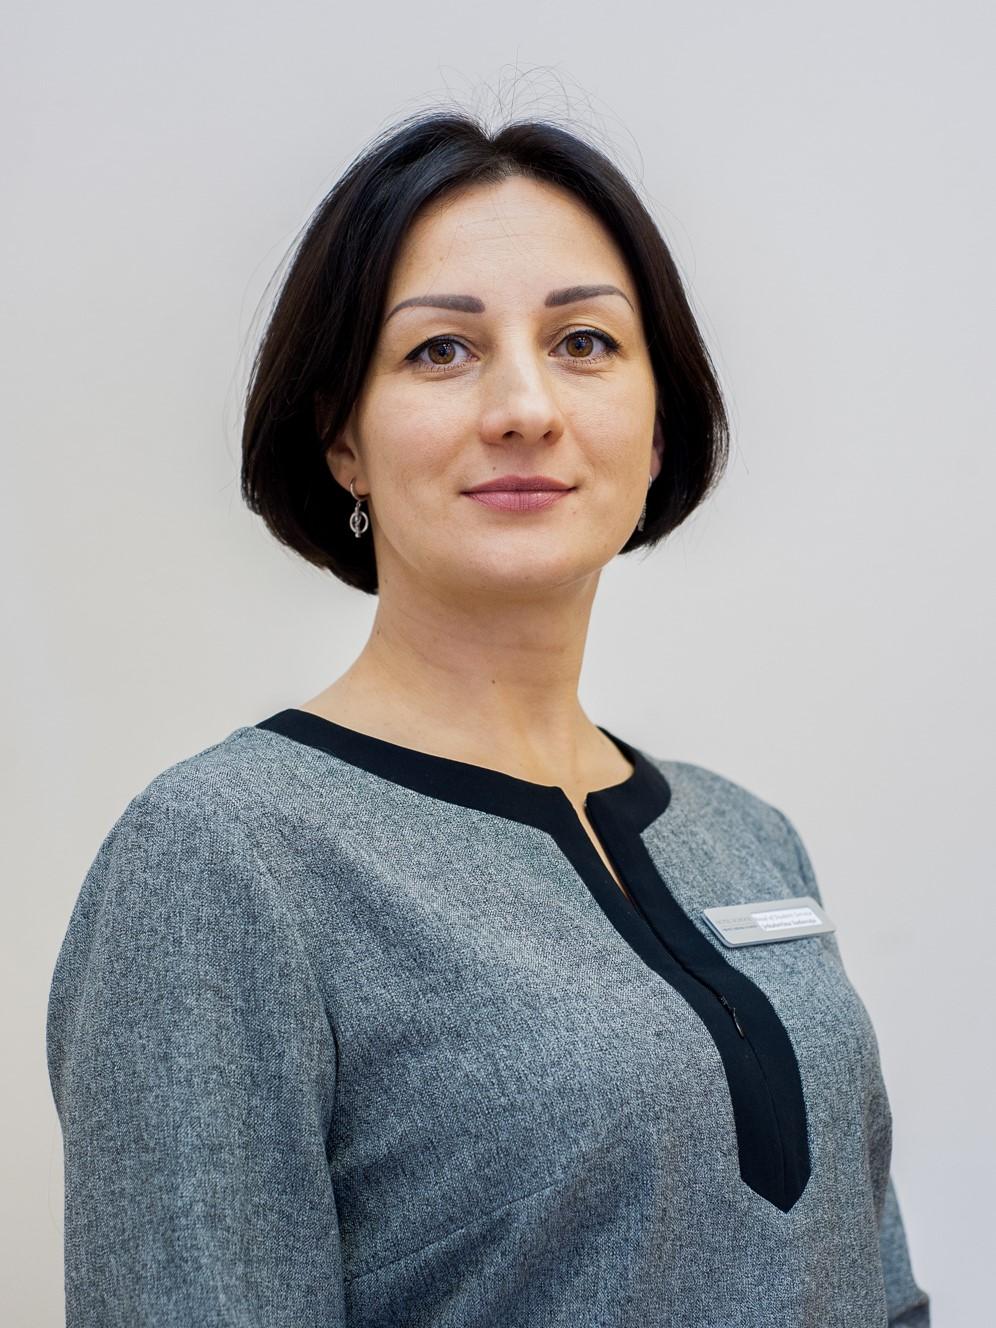 Екатерина Садовая, Руководитель студенческого сервиса